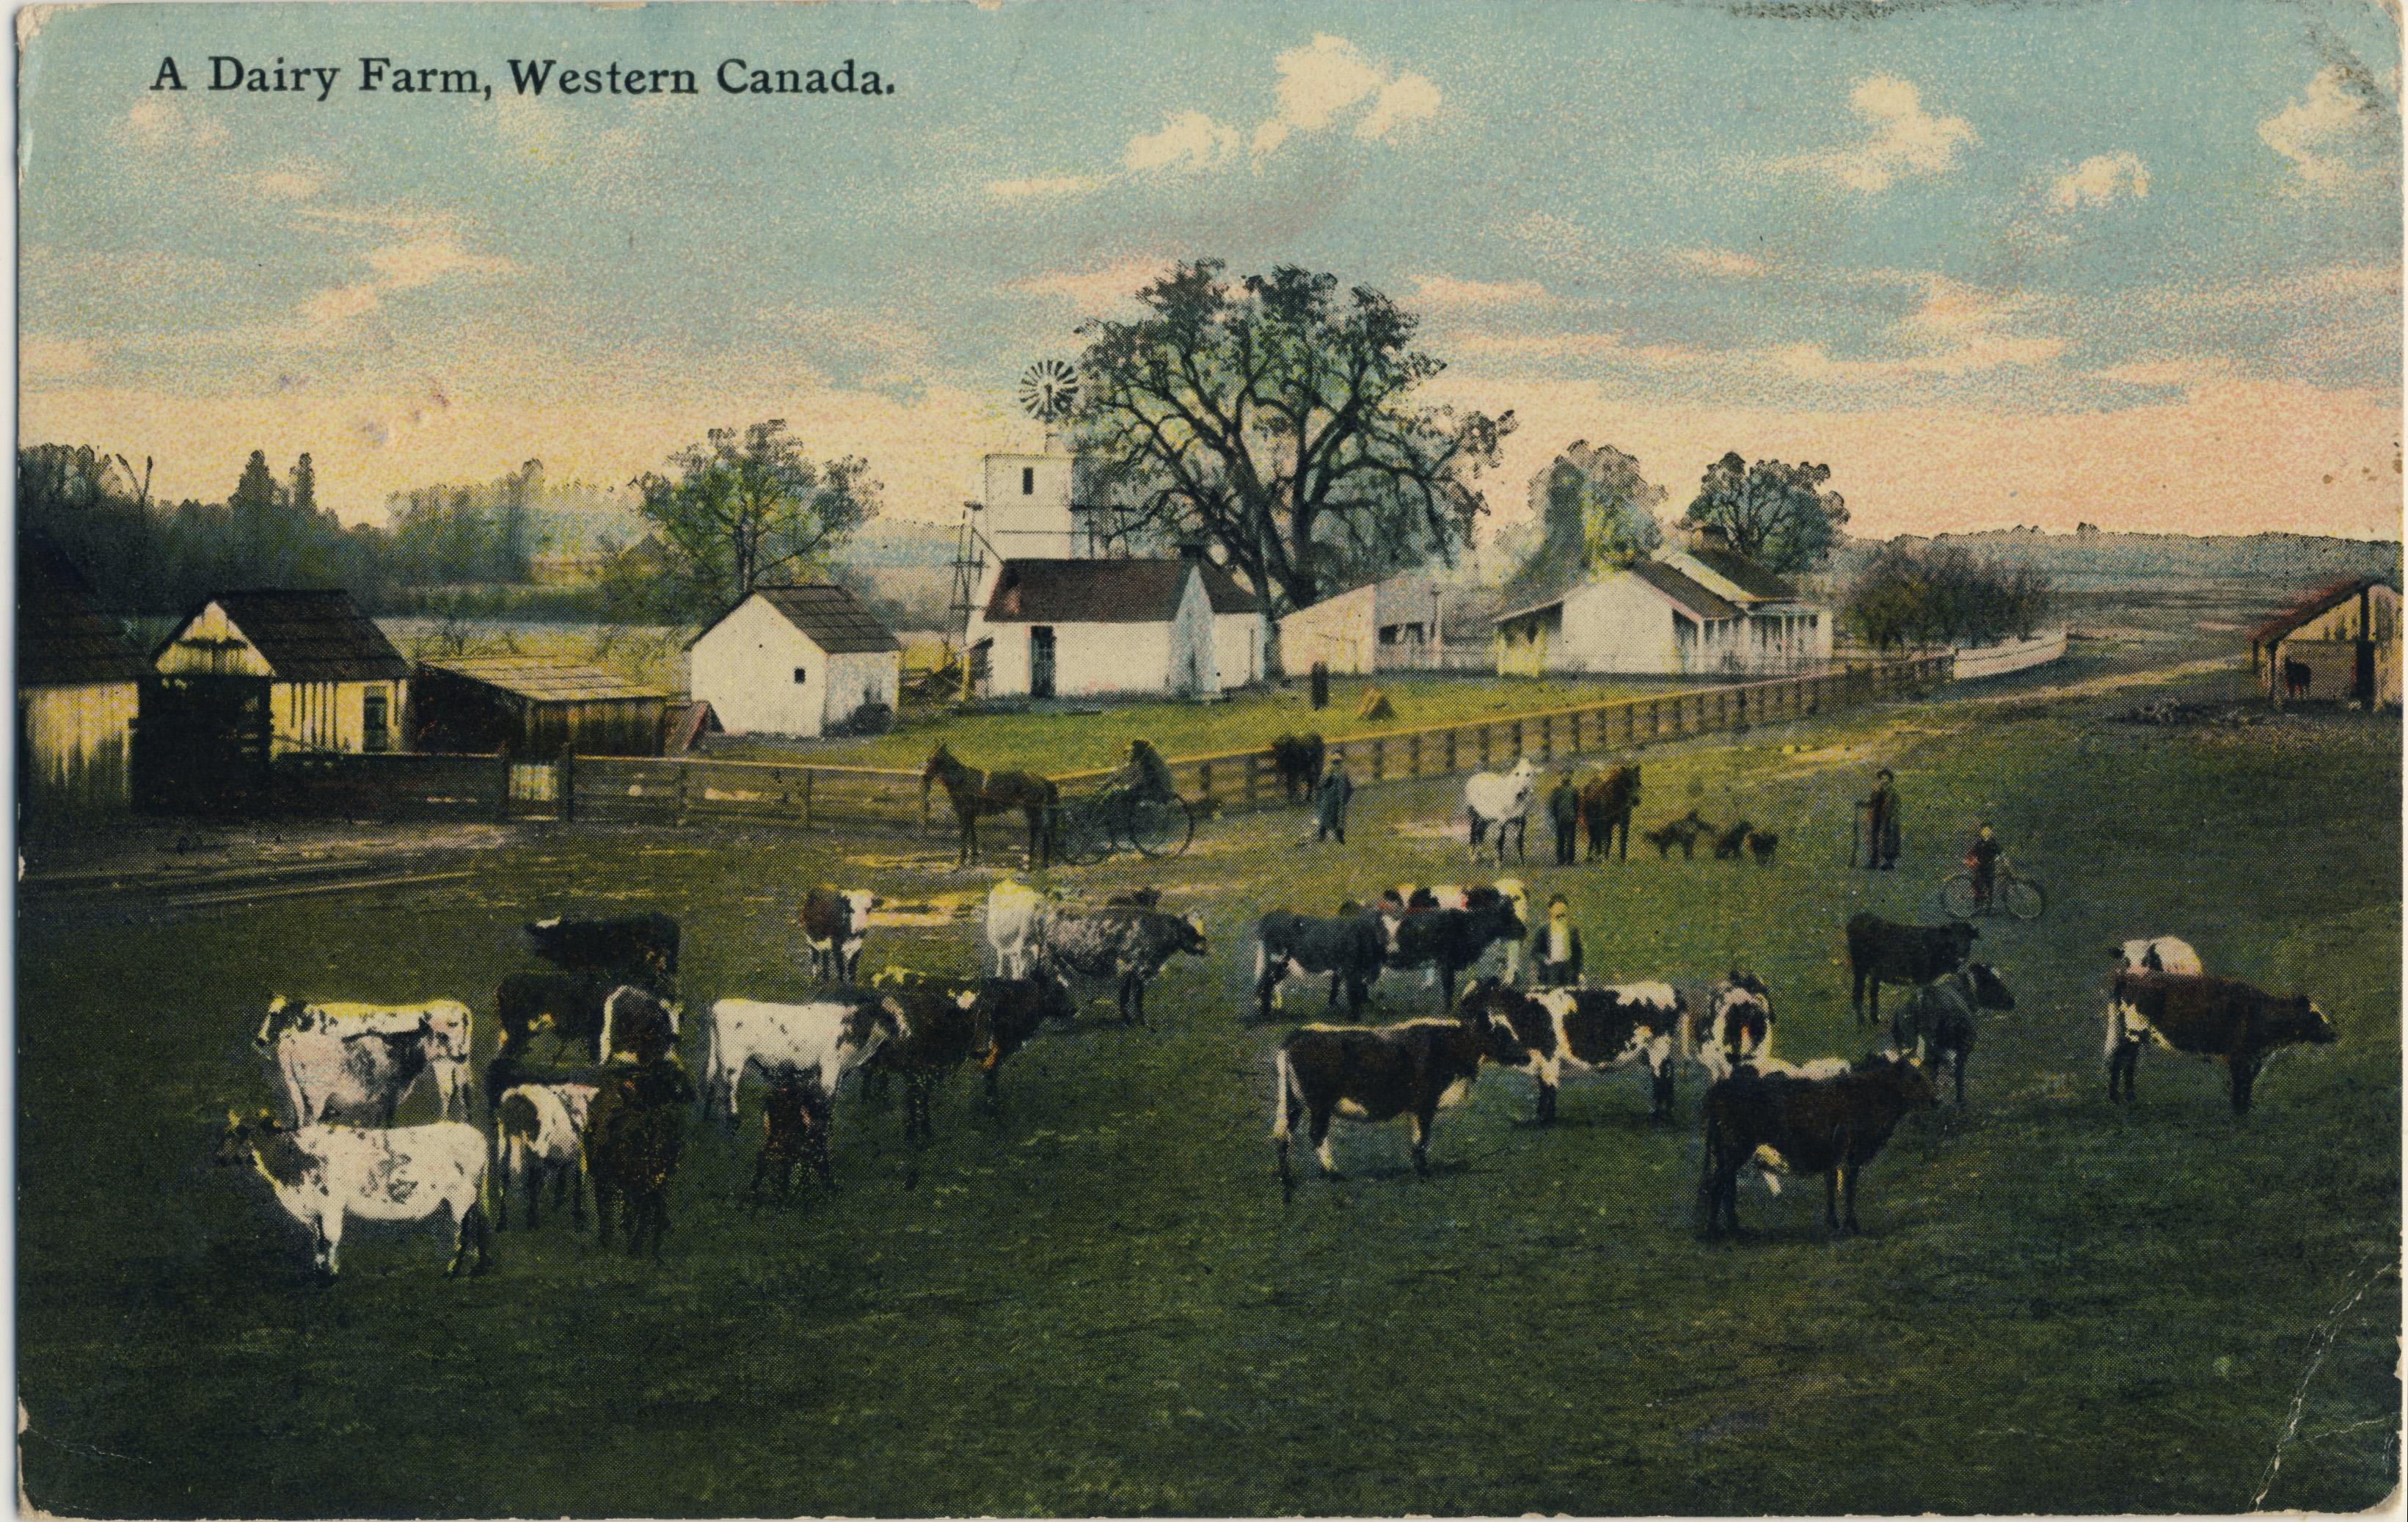 A Dairy Farm, Western Canada